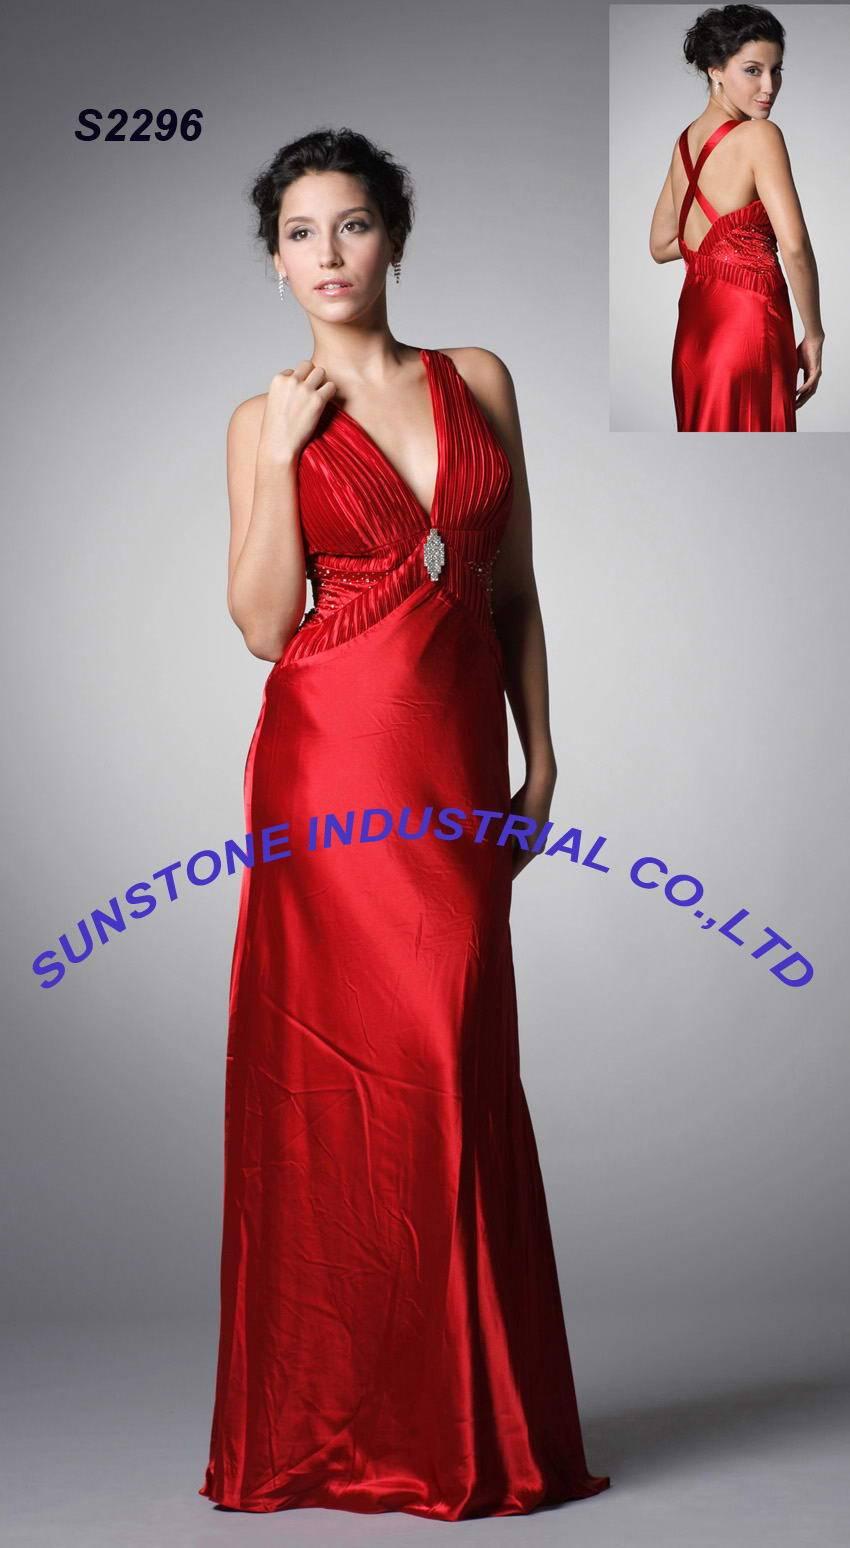 evening dress - S2296